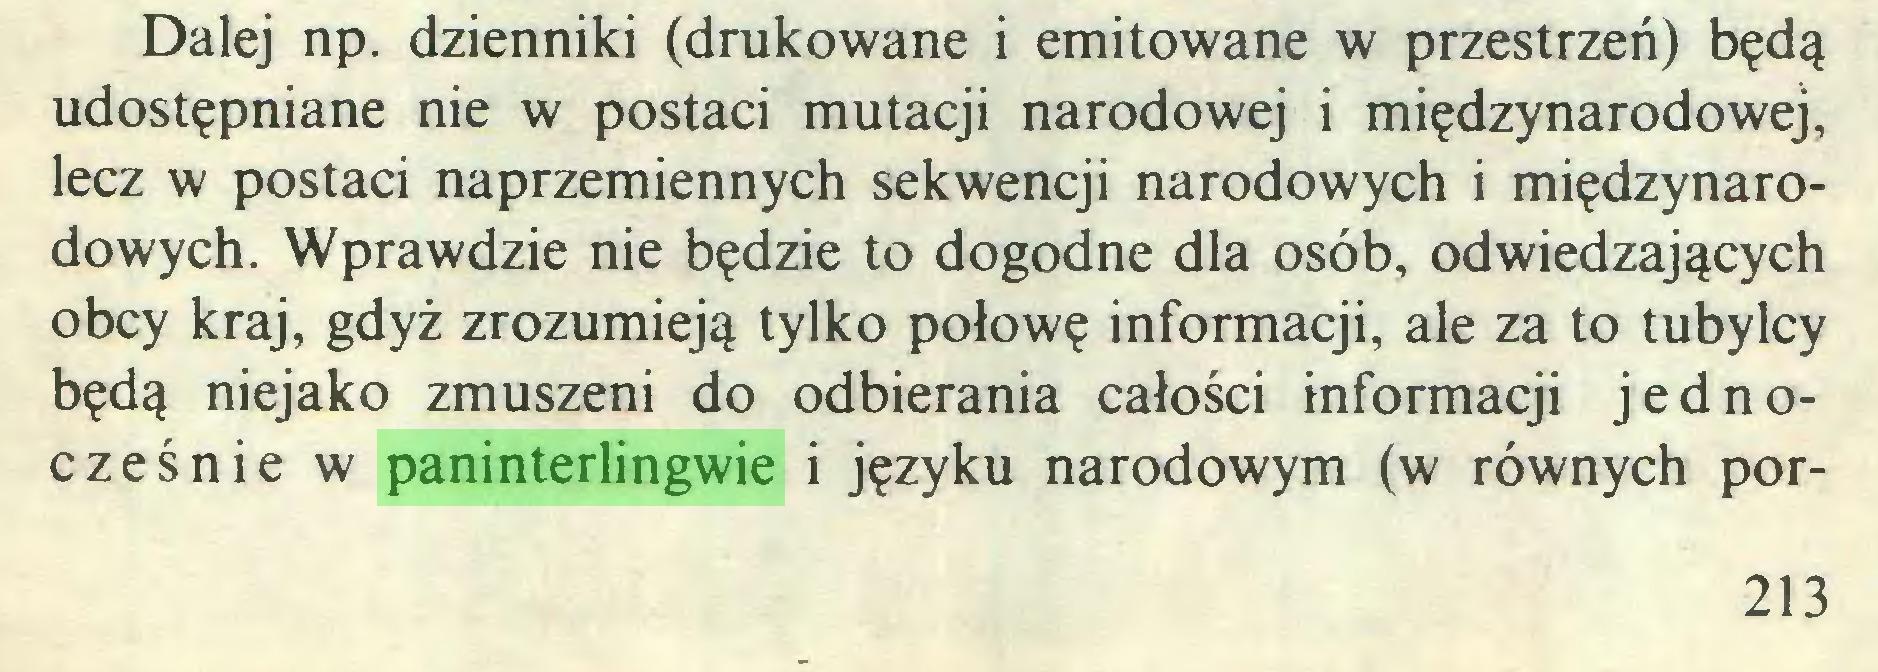 (...) Dalej np. dzienniki (drukowane i emitowane w przestrzeń) będą udostępniane nie w postaci mutacji narodowej i międzynarodowej, lecz w postaci naprzemiennych sekwencji narodowych i międzynarodowych. Wprawdzie nie będzie to dogodne dla osób, odwiedzających obcy kraj, gdyż zrozumieją tylko połowę informacji, ale za to tubylcy będą niejako zmuszeni do odbierania całości informacji jednocześnie w paninterlingwie i języku narodowym (w równych por213...